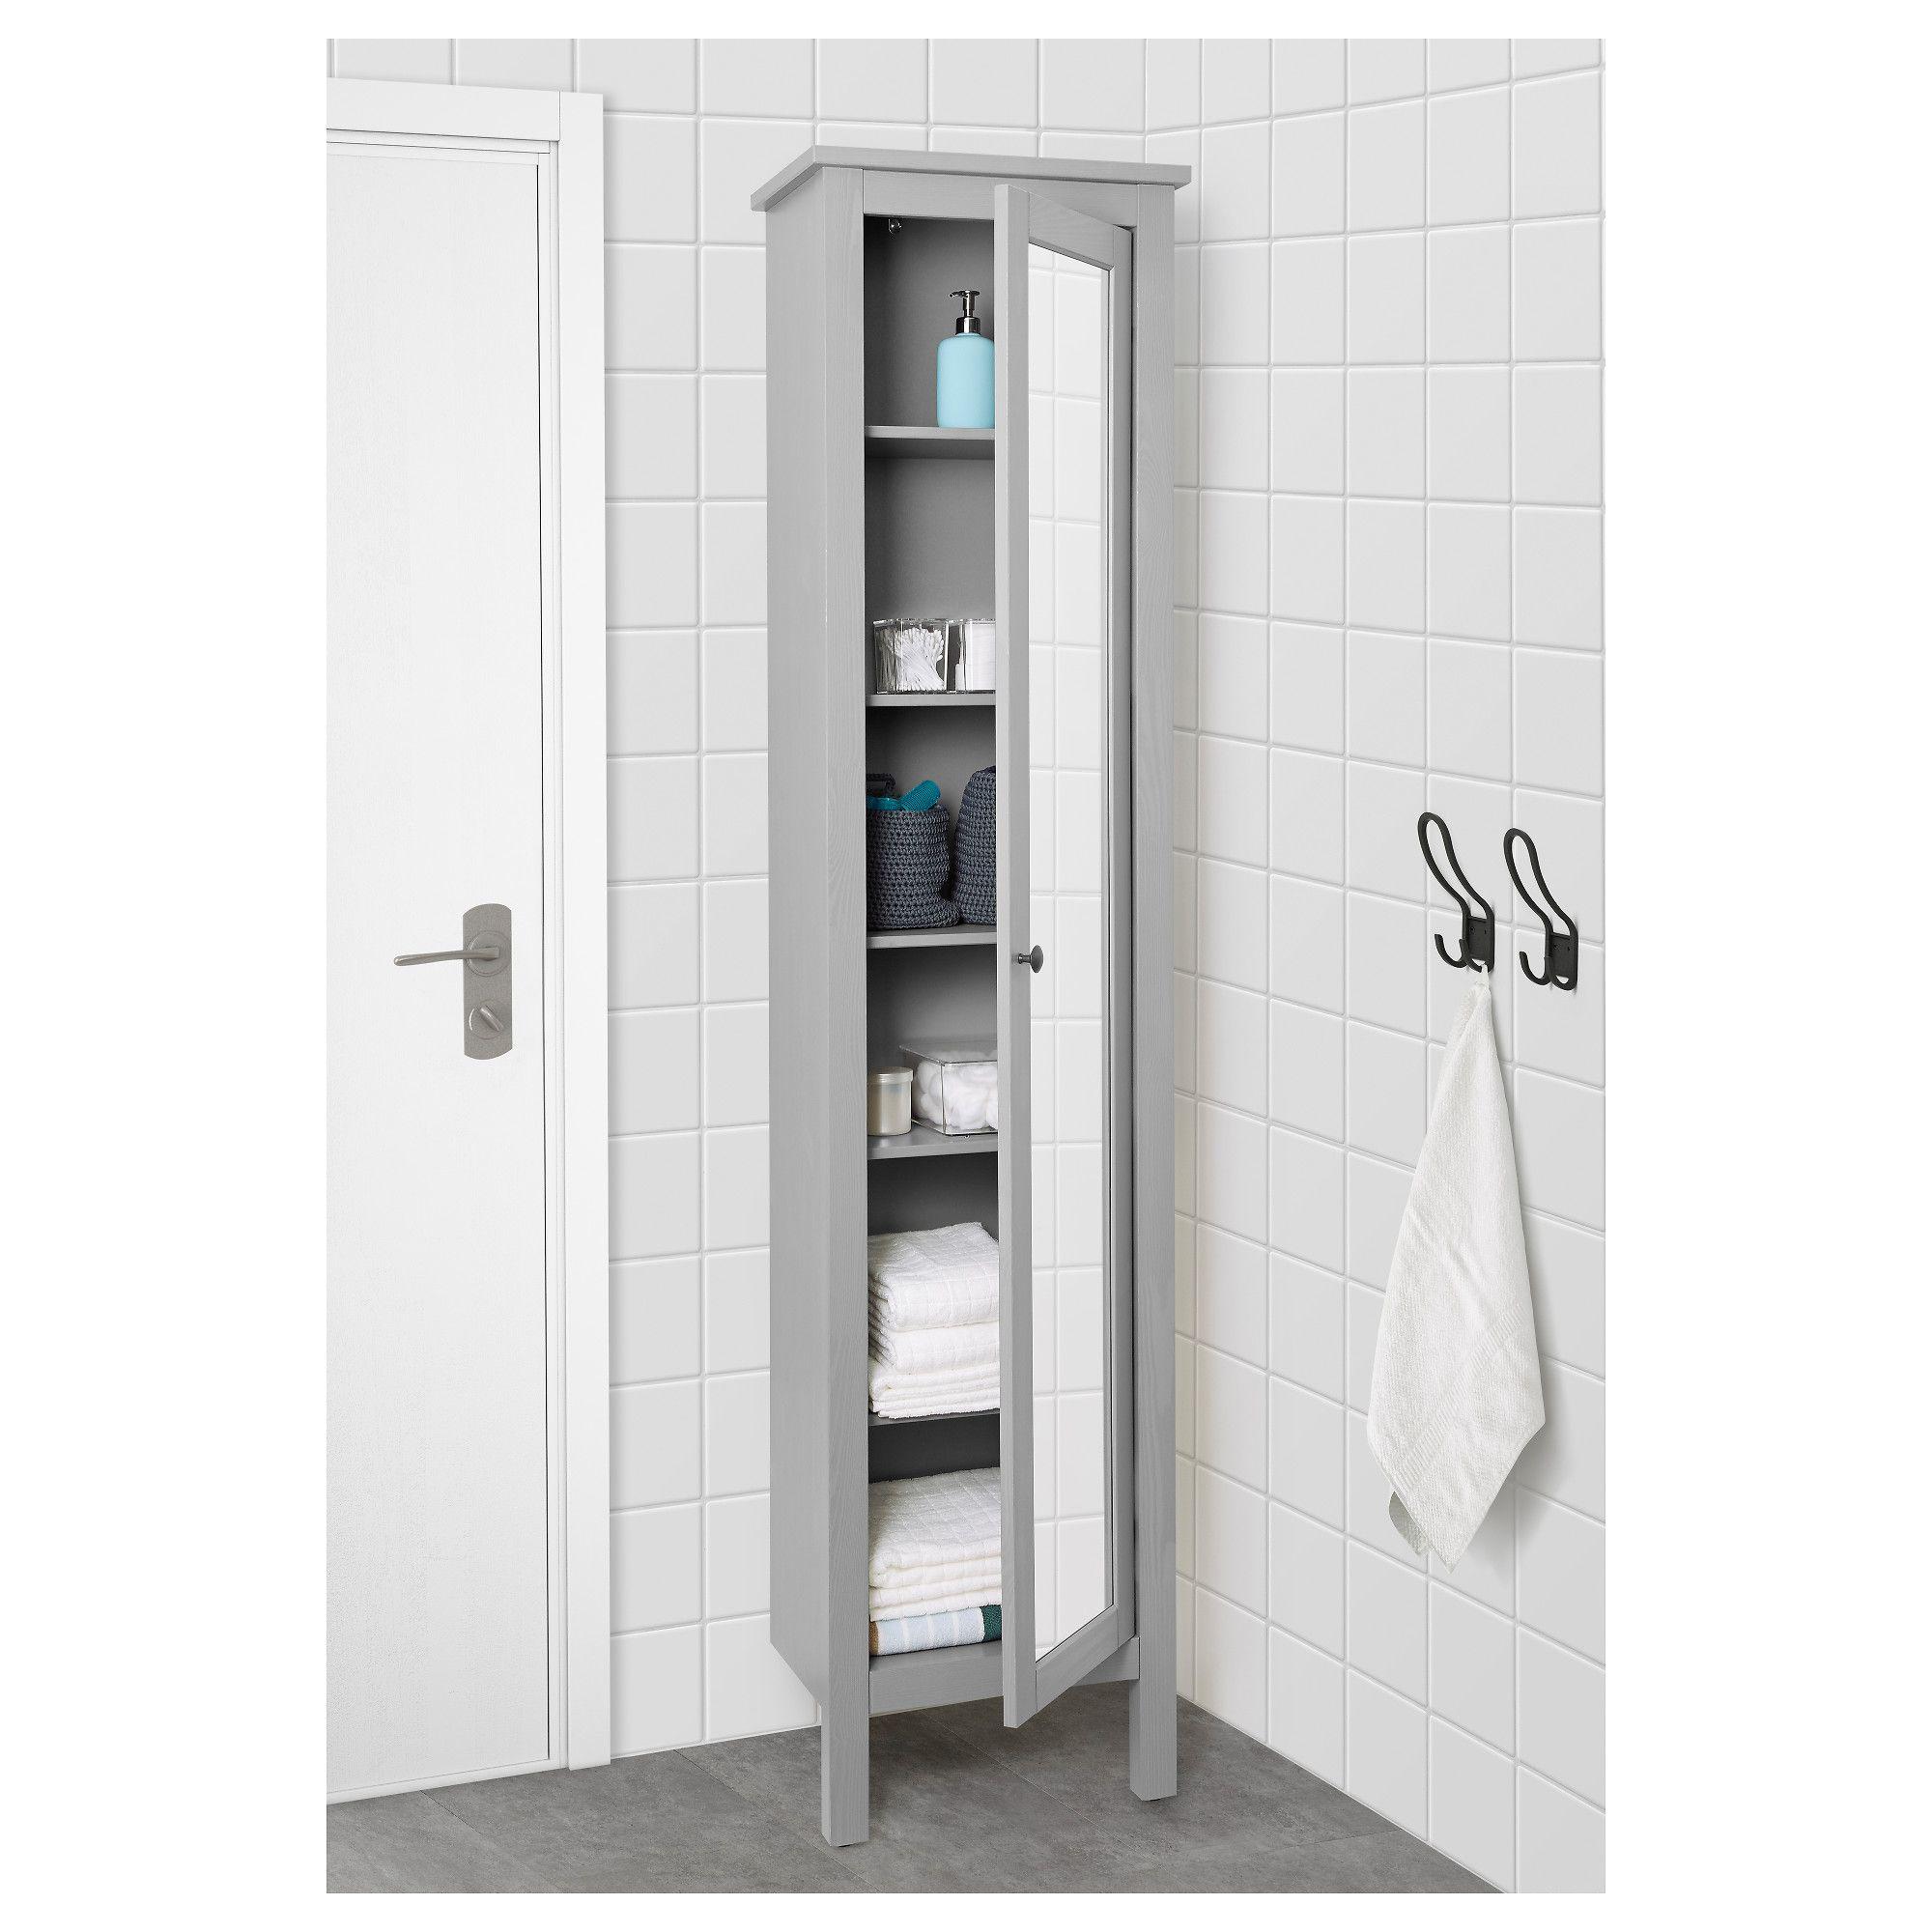 HEMNES High cabinet with mirror door gray  sc 1 st  Pinterest & HEMNES High cabinet with mirror door gray | HEMNES Doors and ...